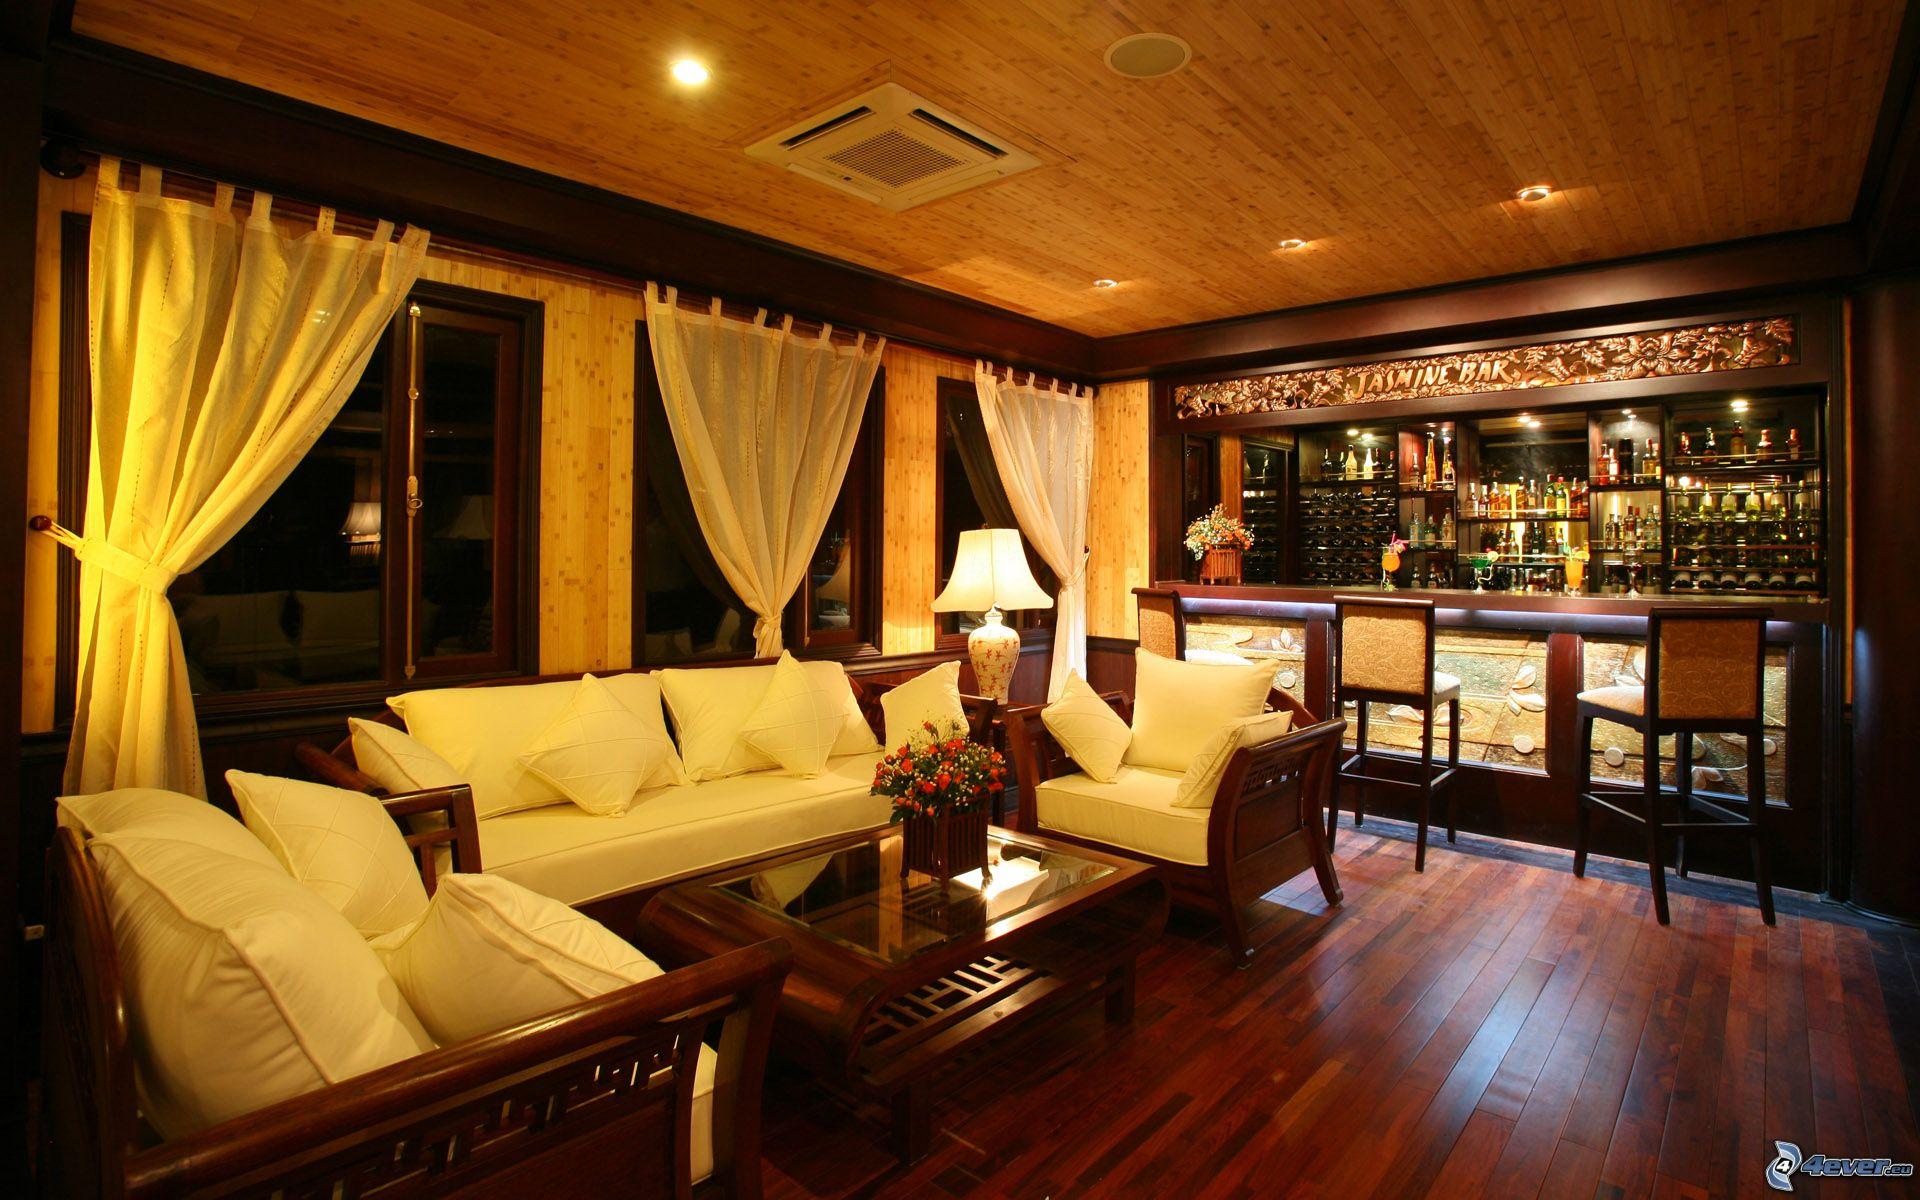 Salle de s jour de lux for Salle de sejour de luxe